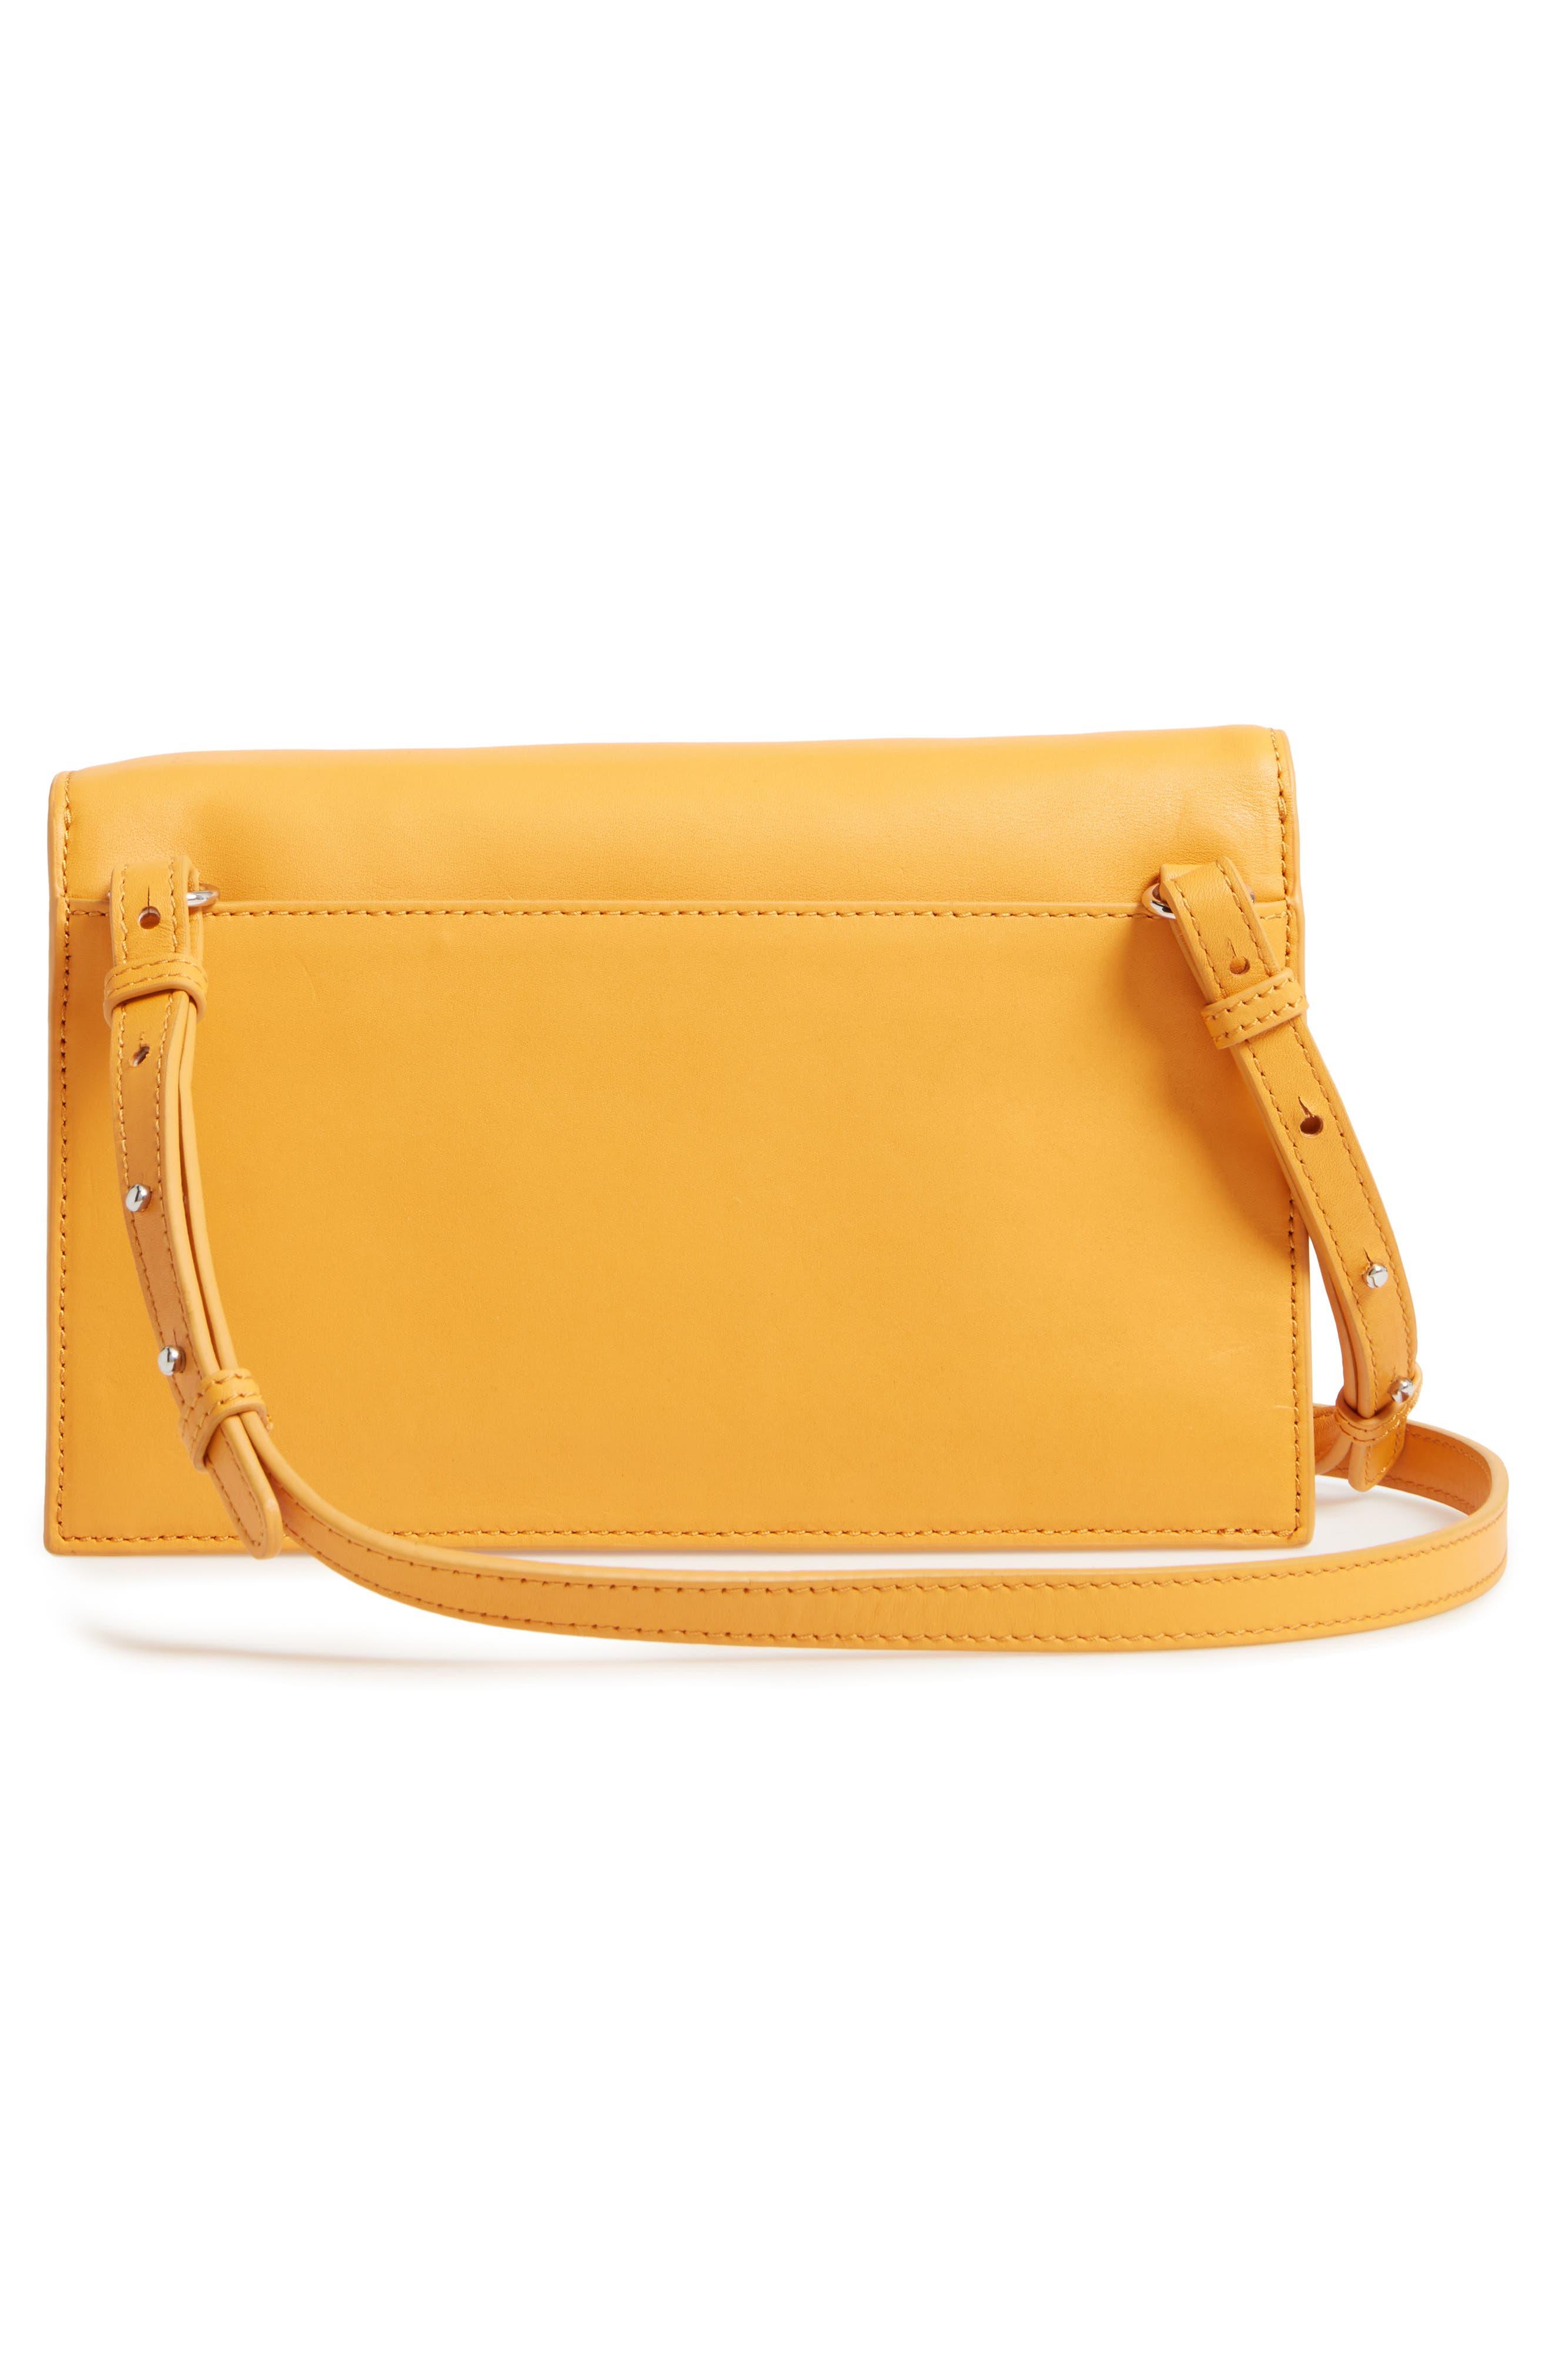 Alternate Image 3  - Steven Alan Easton Leather Envelope Crossbody Bag